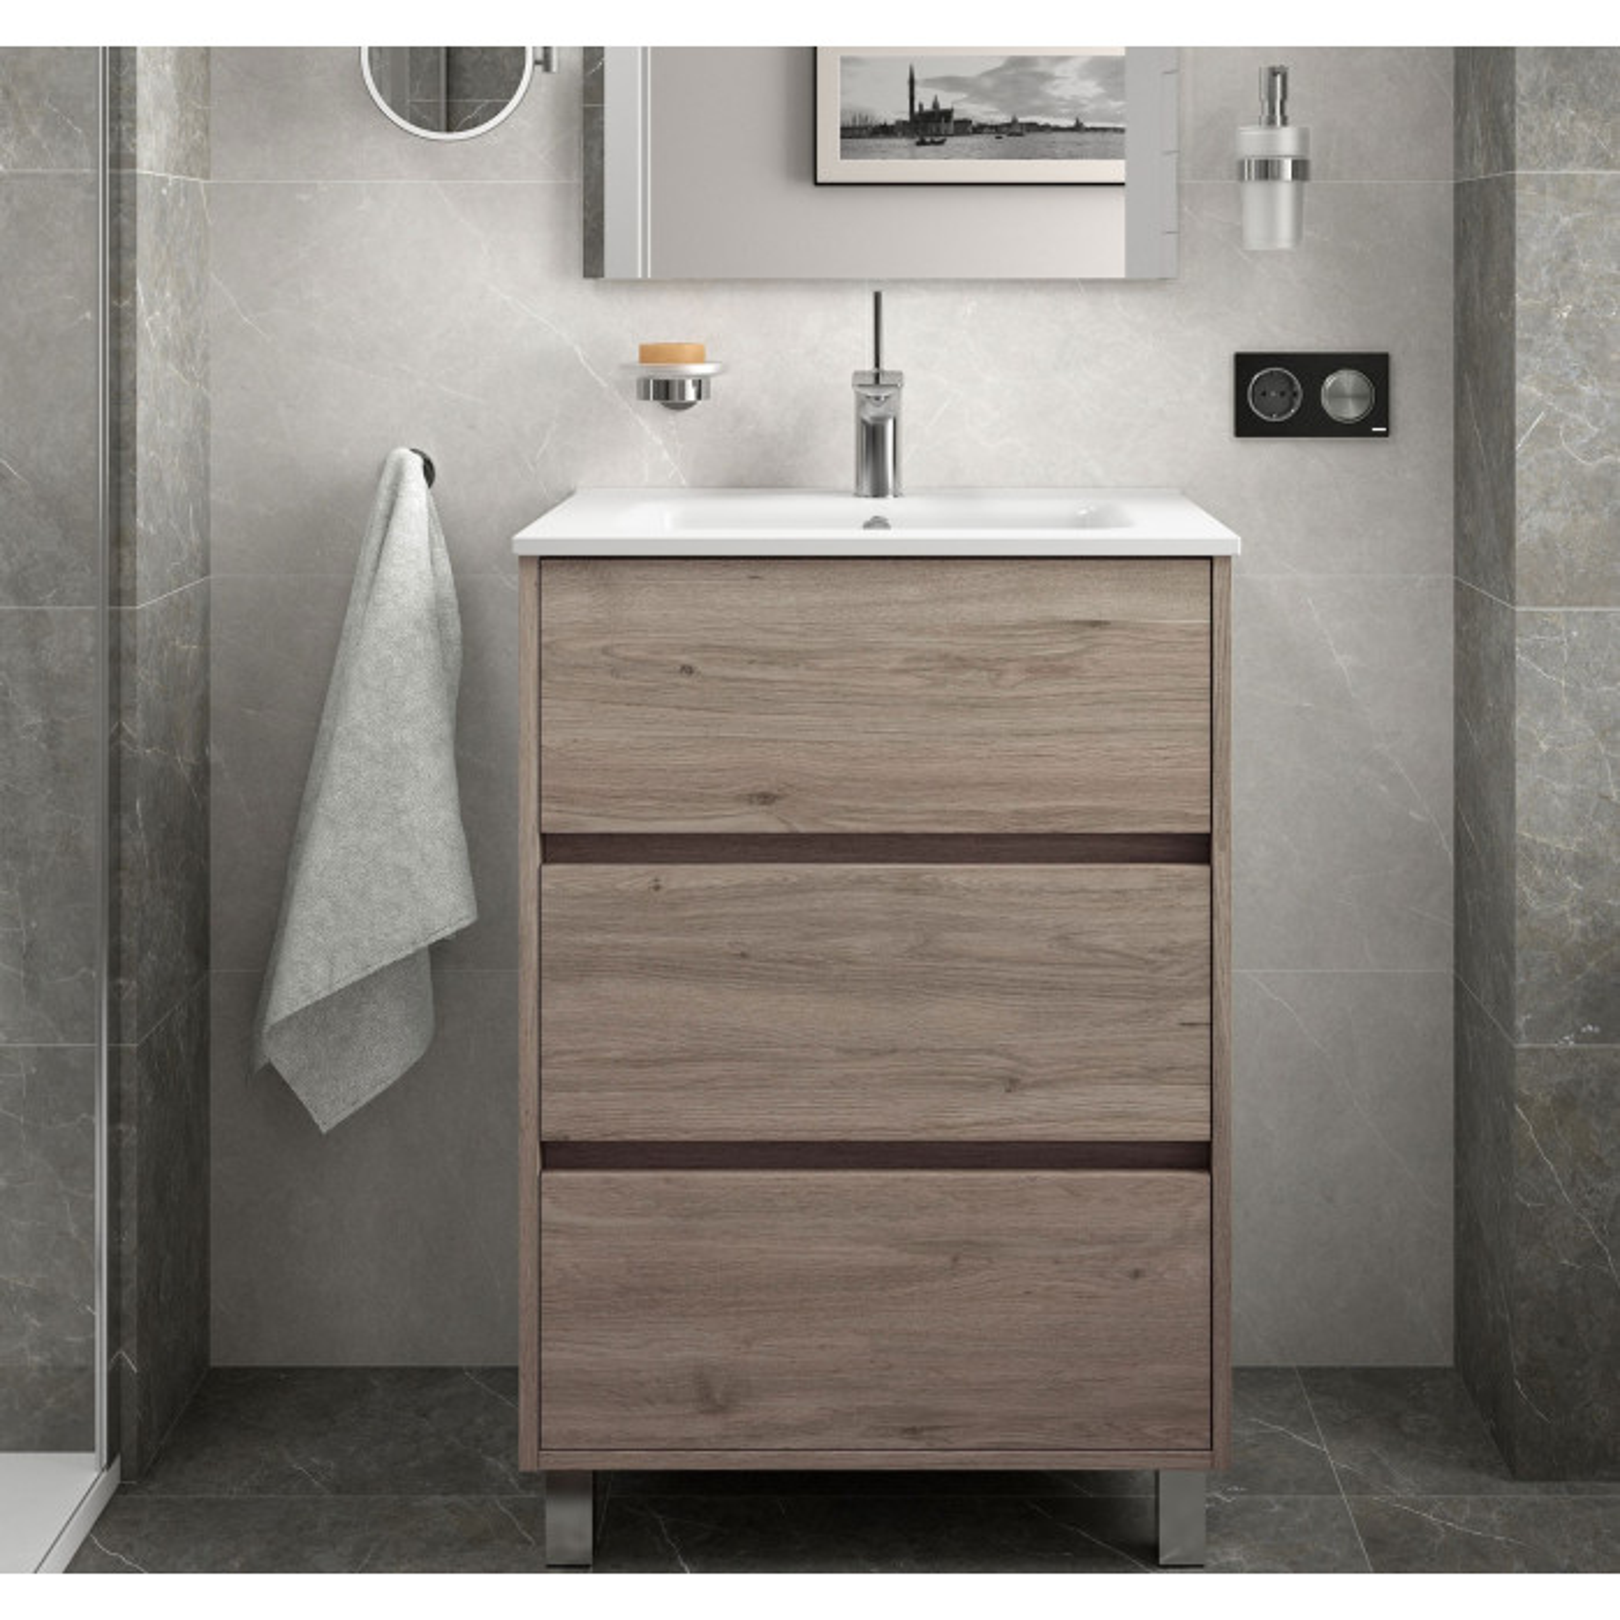 Meuble bain sur pied Arenys 600 et 800 et 1000 stratifié bois ou laqué avec plan vasque céramique et 3 tiroirs